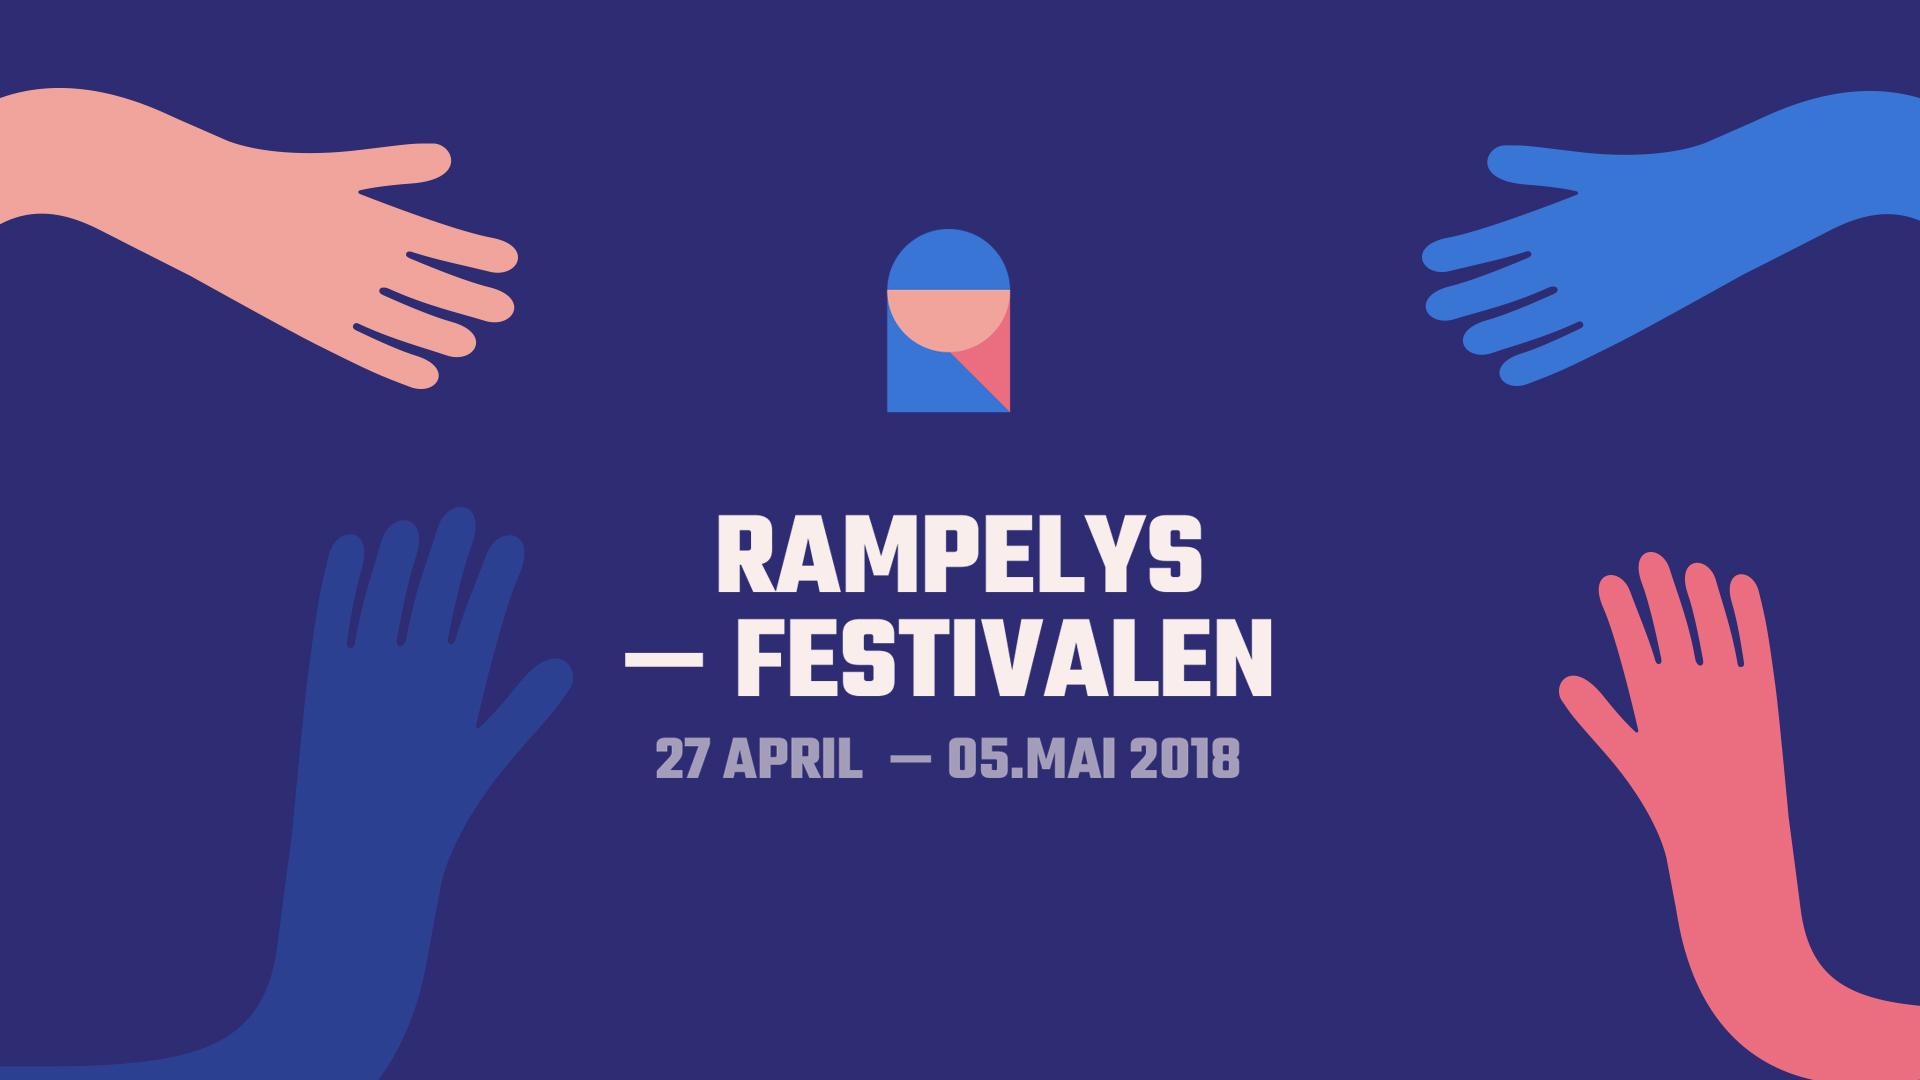 Rampelysfestivalen åpner fredag 27. april!